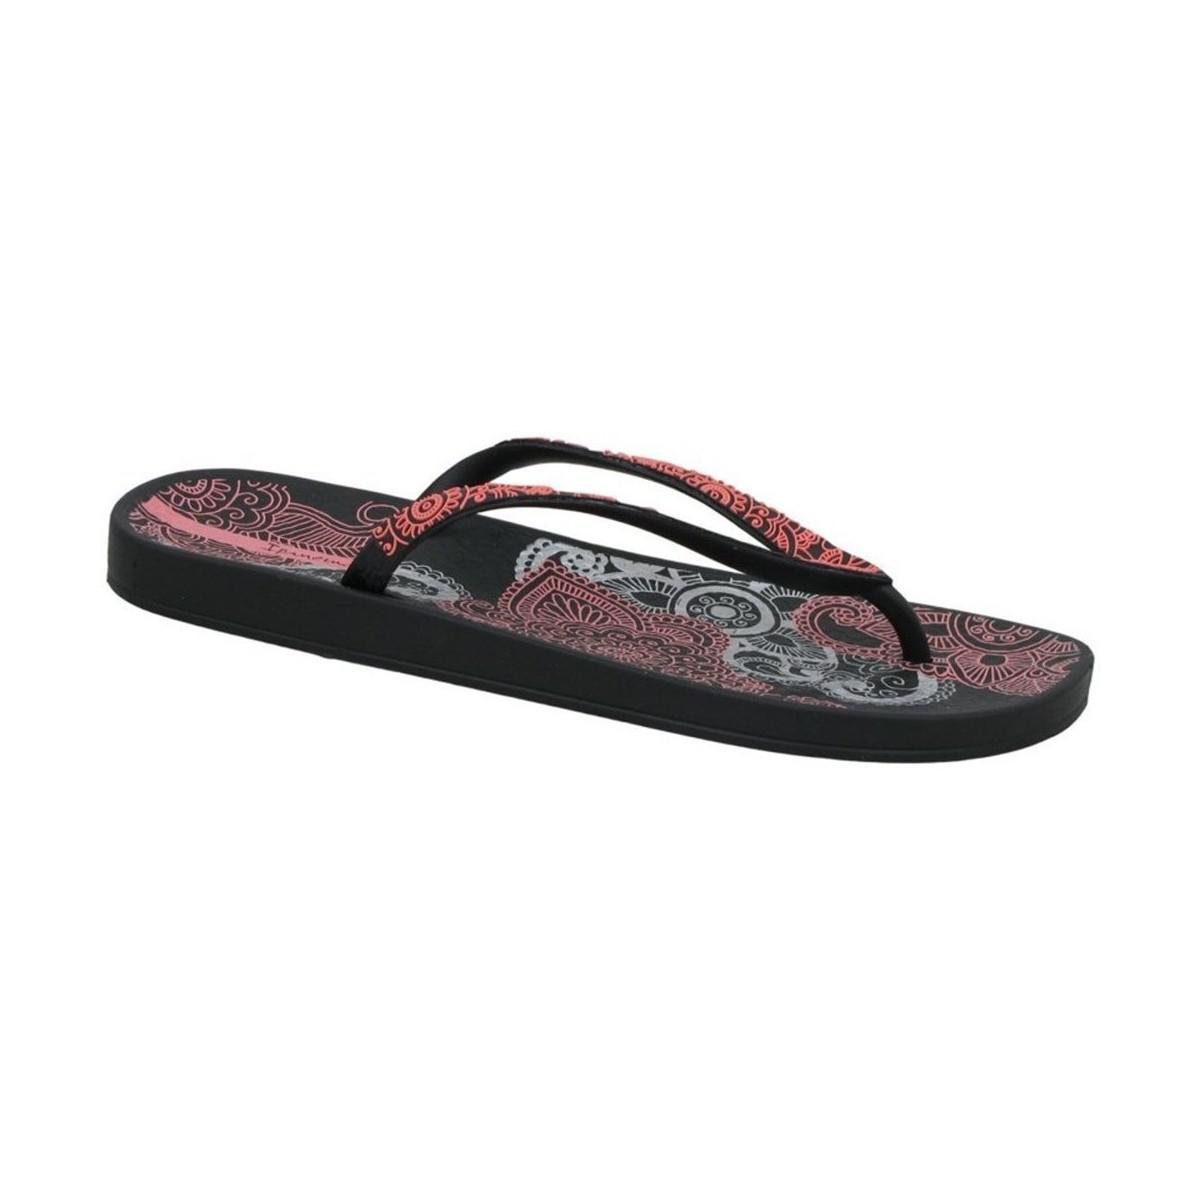 Ipanema Lovely V Womens Flip Flops / Sandals - Black